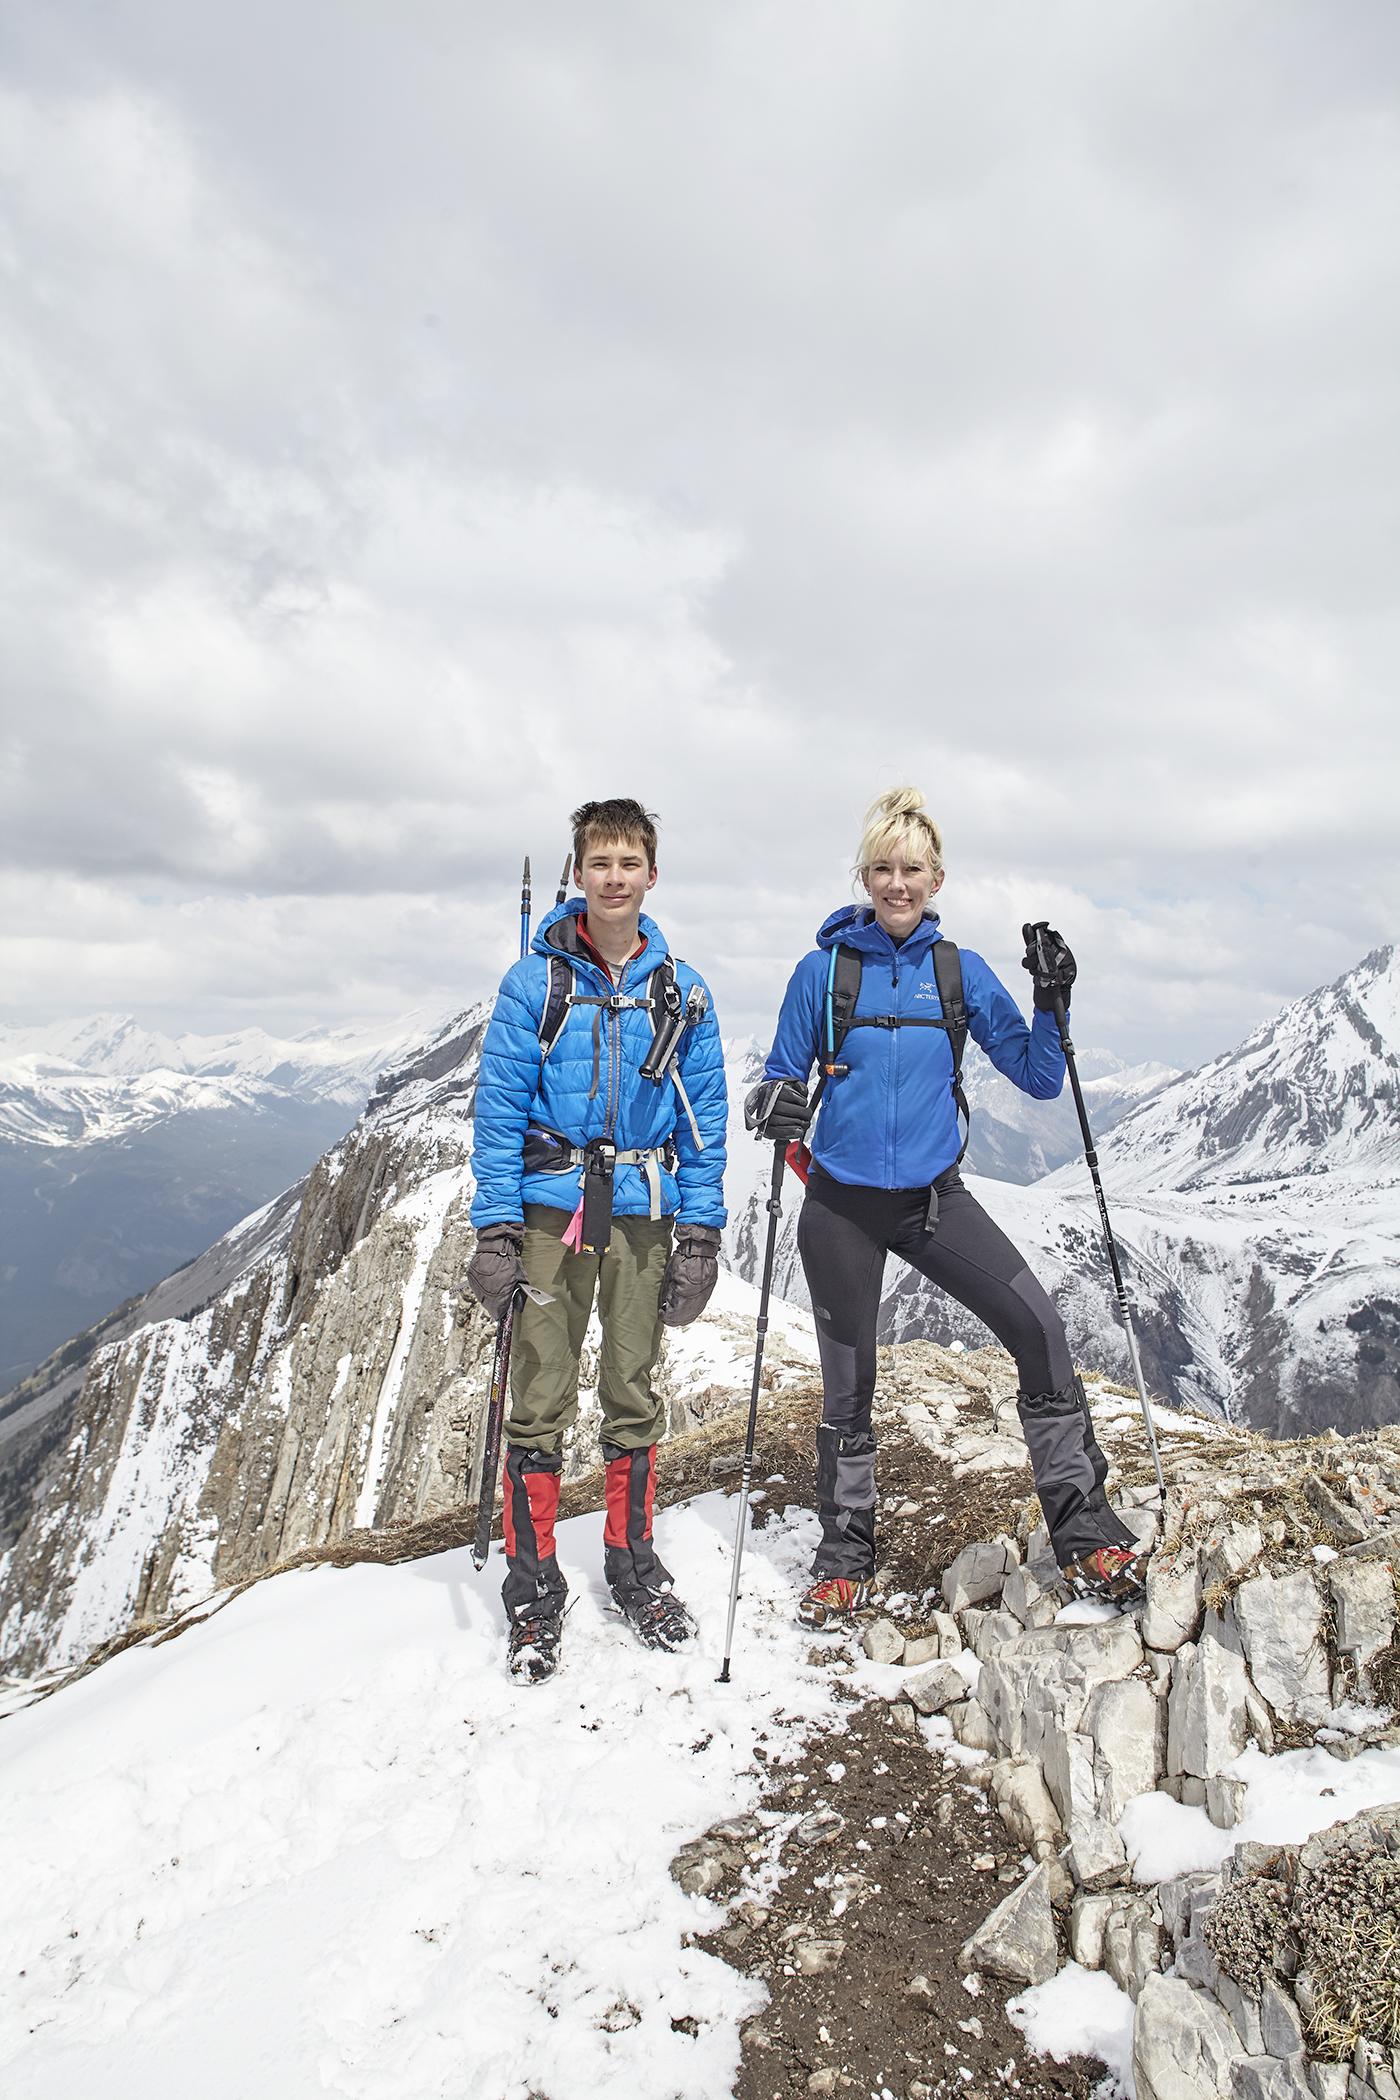 Yuri and Mindy on the summit.